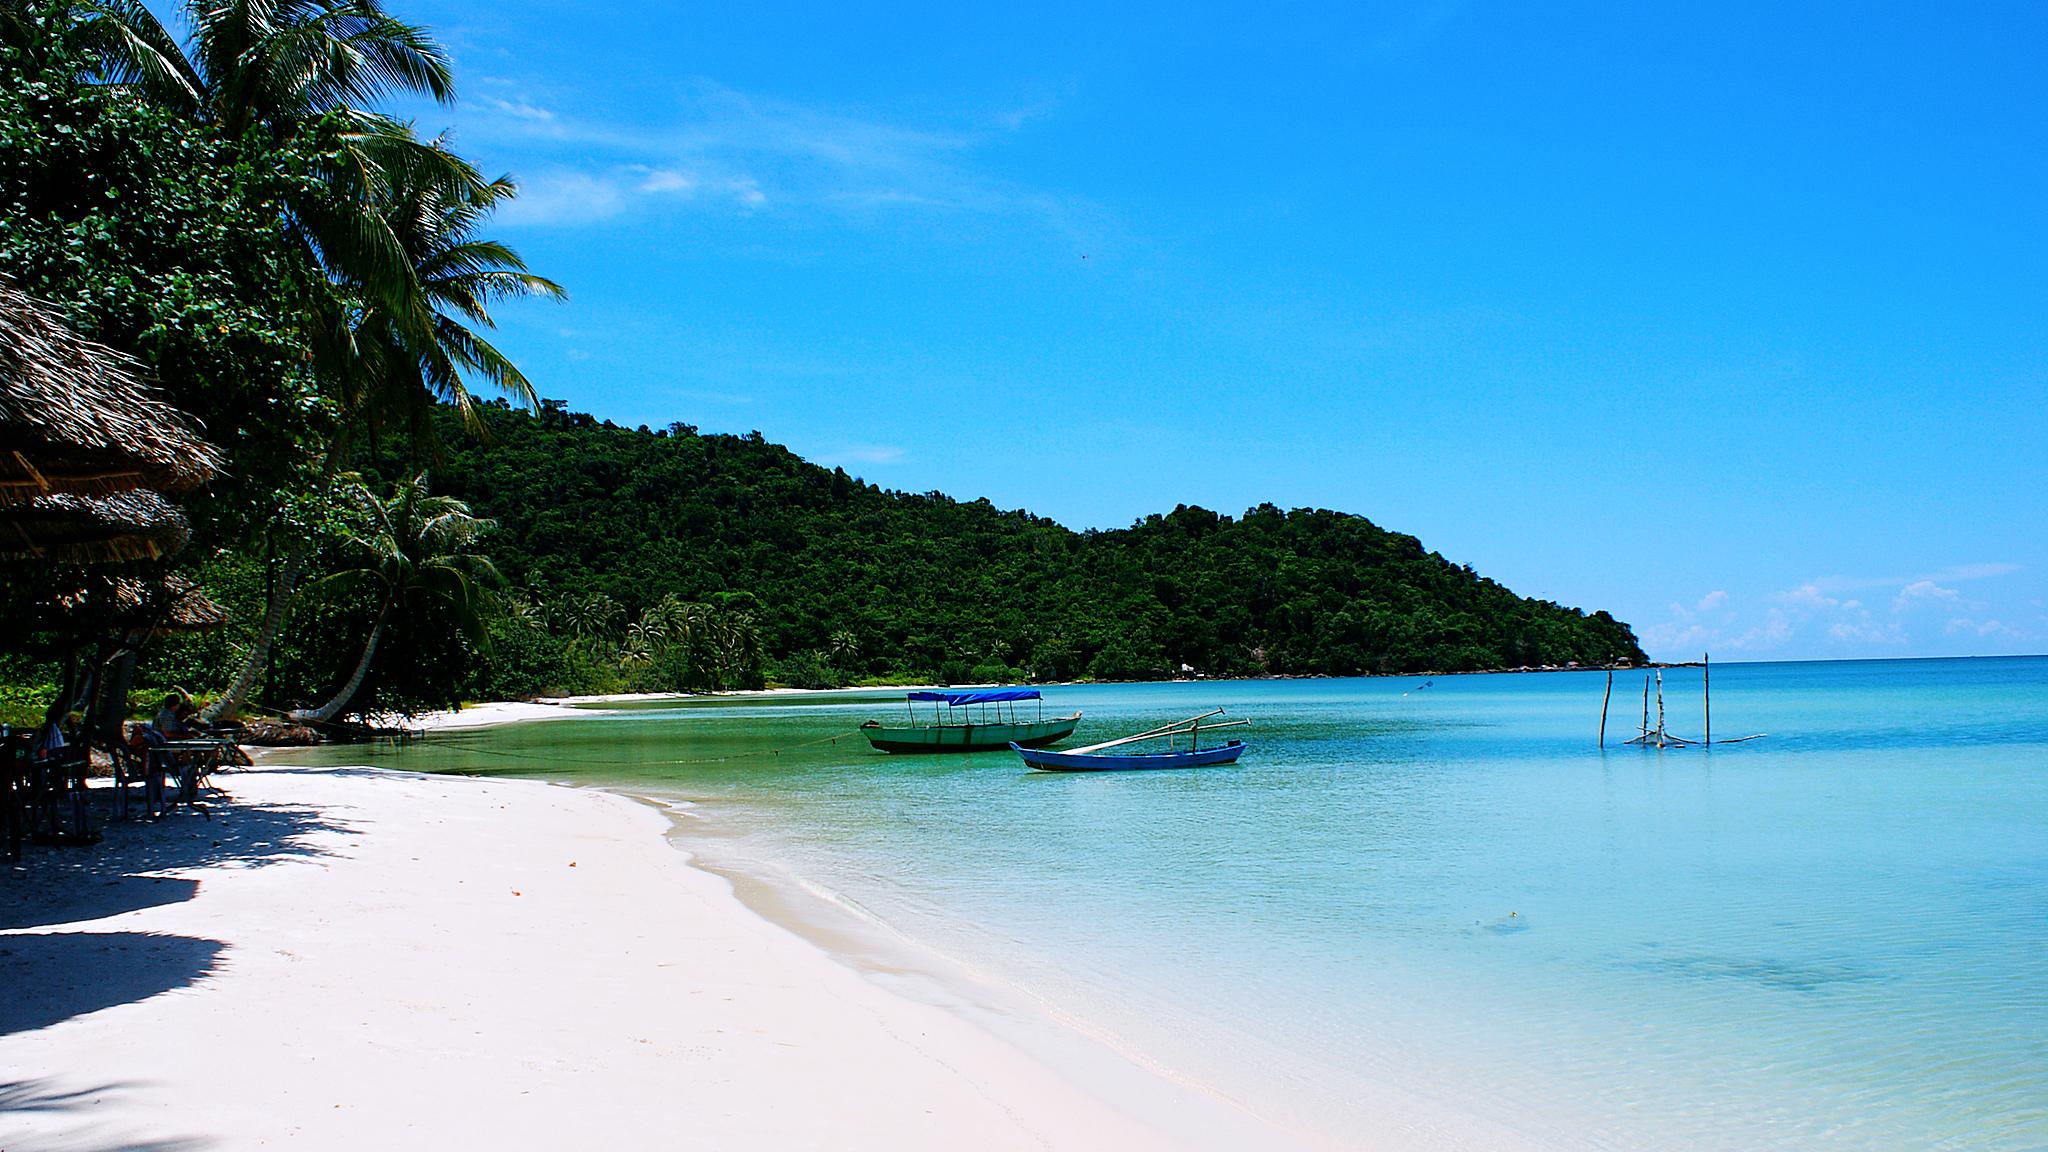 Đến với Đảo ngọc Phú Quốc như đến với thiên đường tình yêu